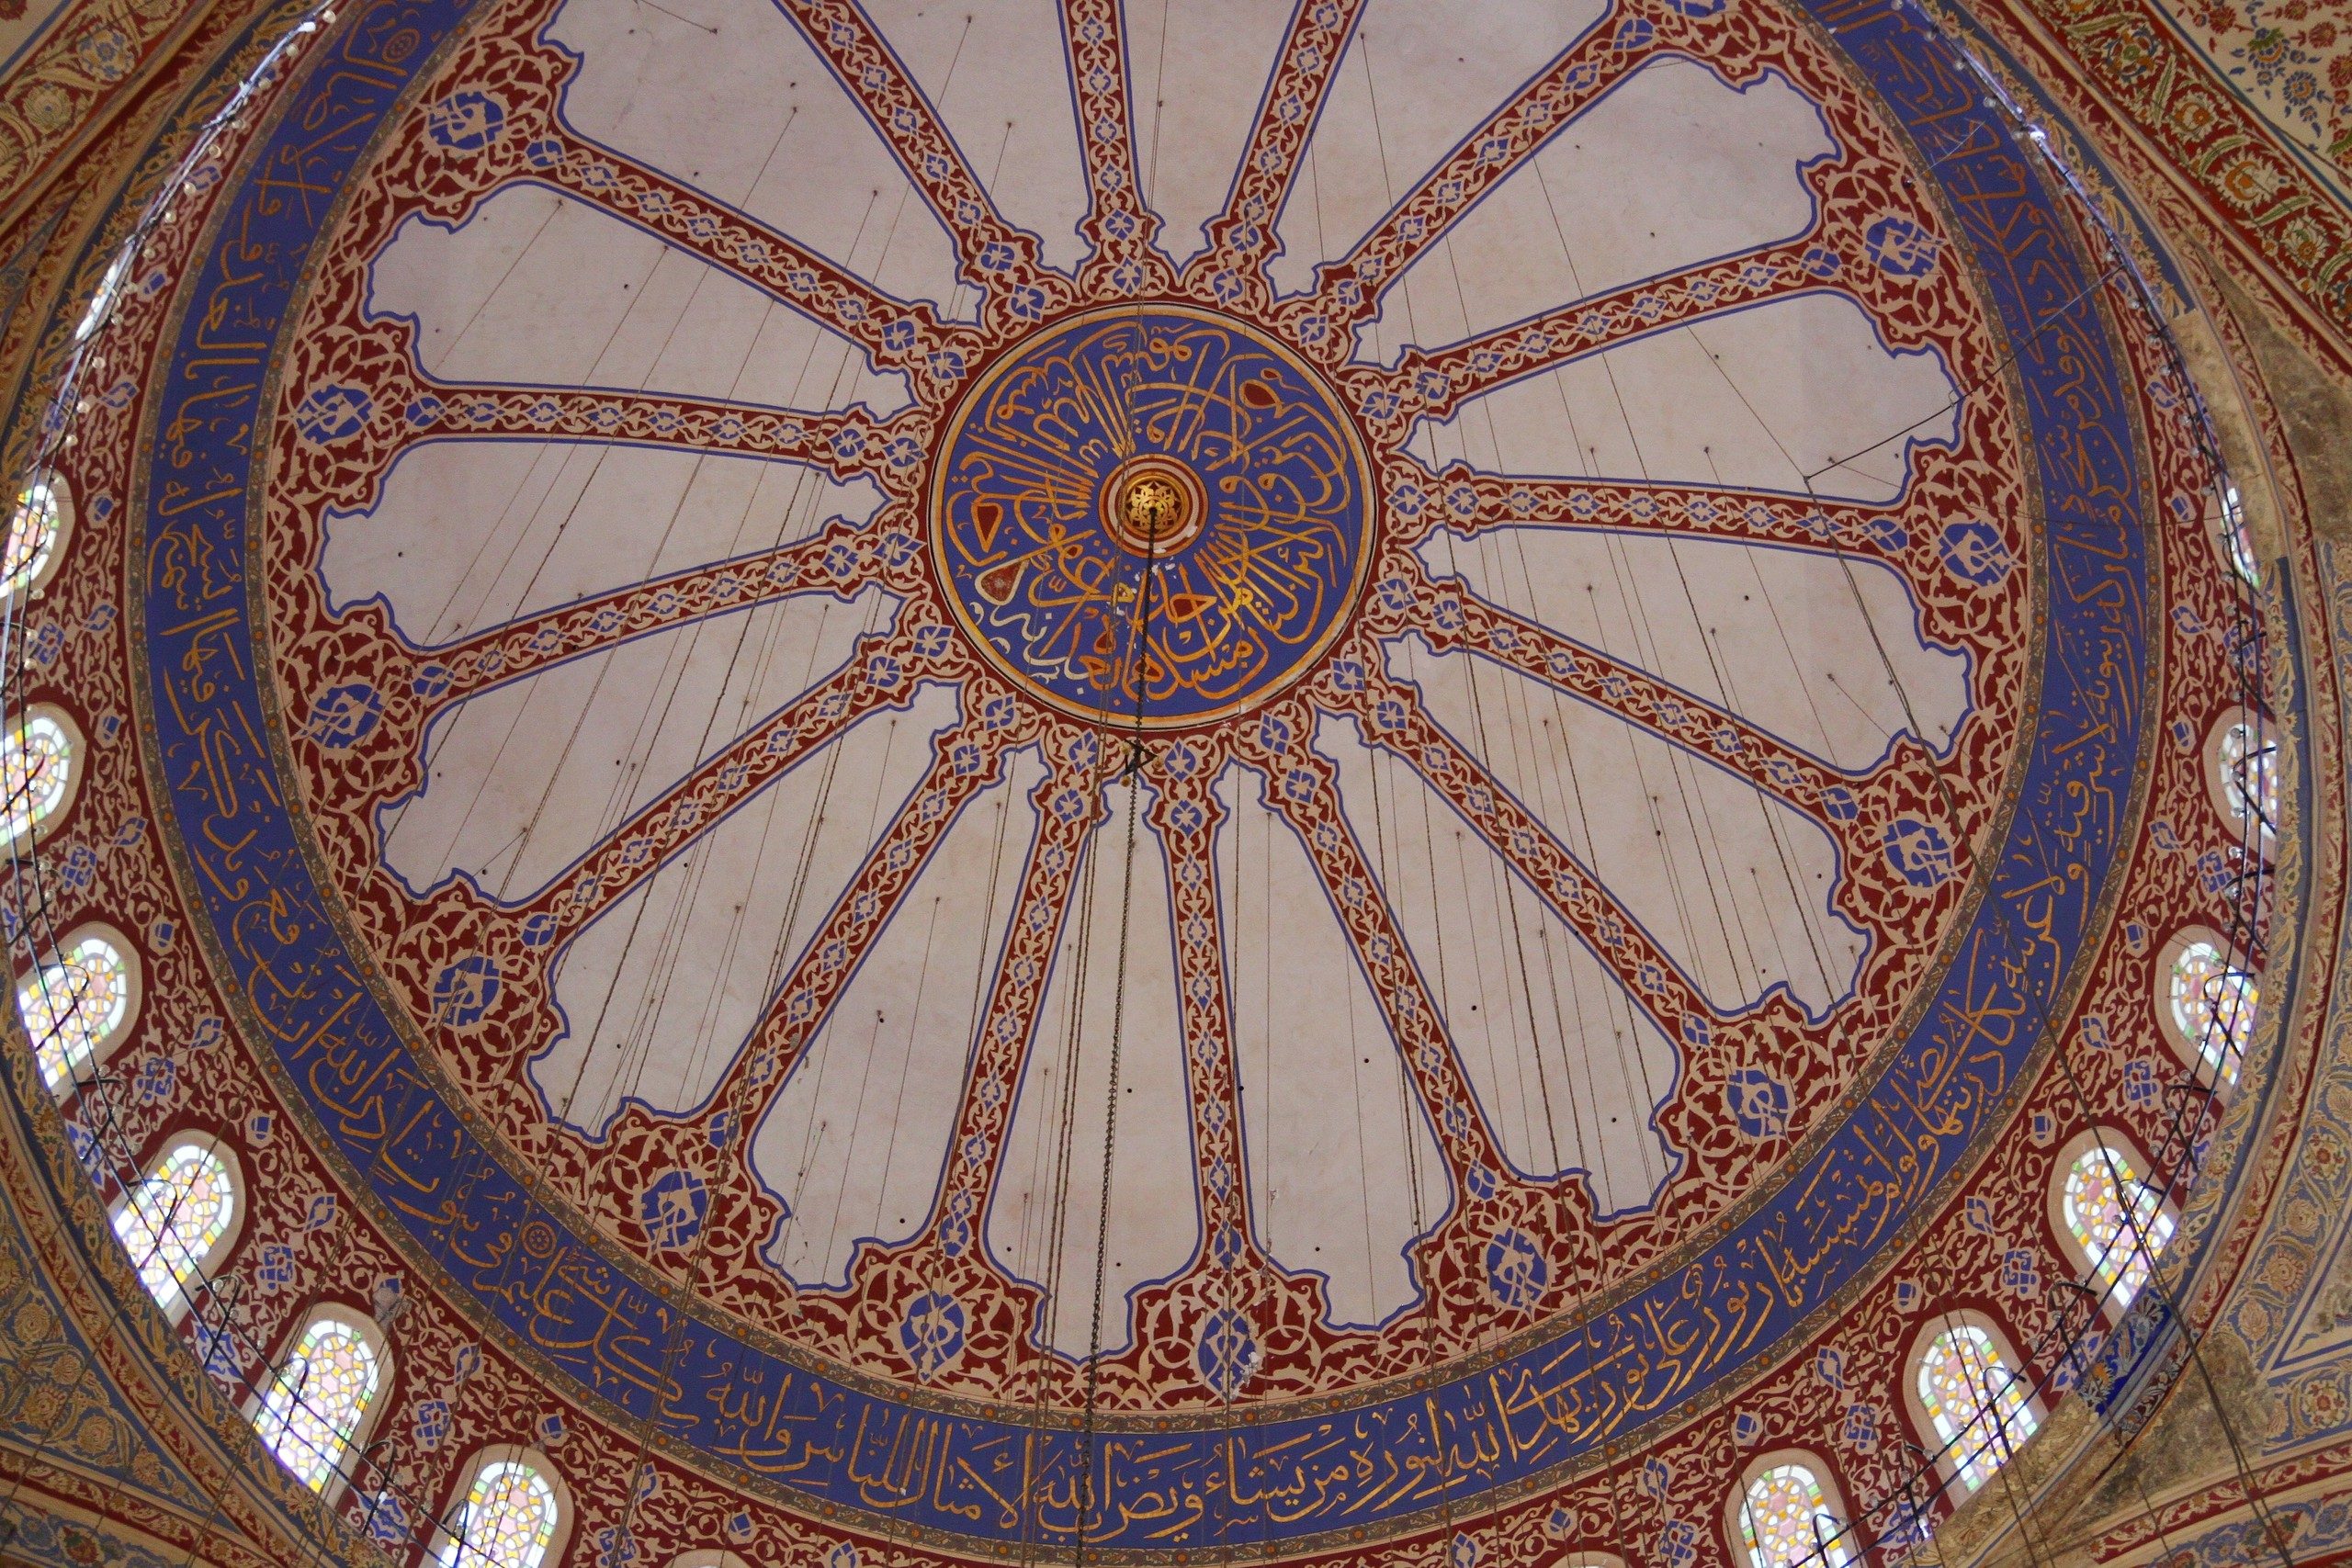 Pırlantadan Kubbeler #5: Sultanahmed - 0DWXj9 - Pırlantadan Kubbeler #5: Sultanahmed